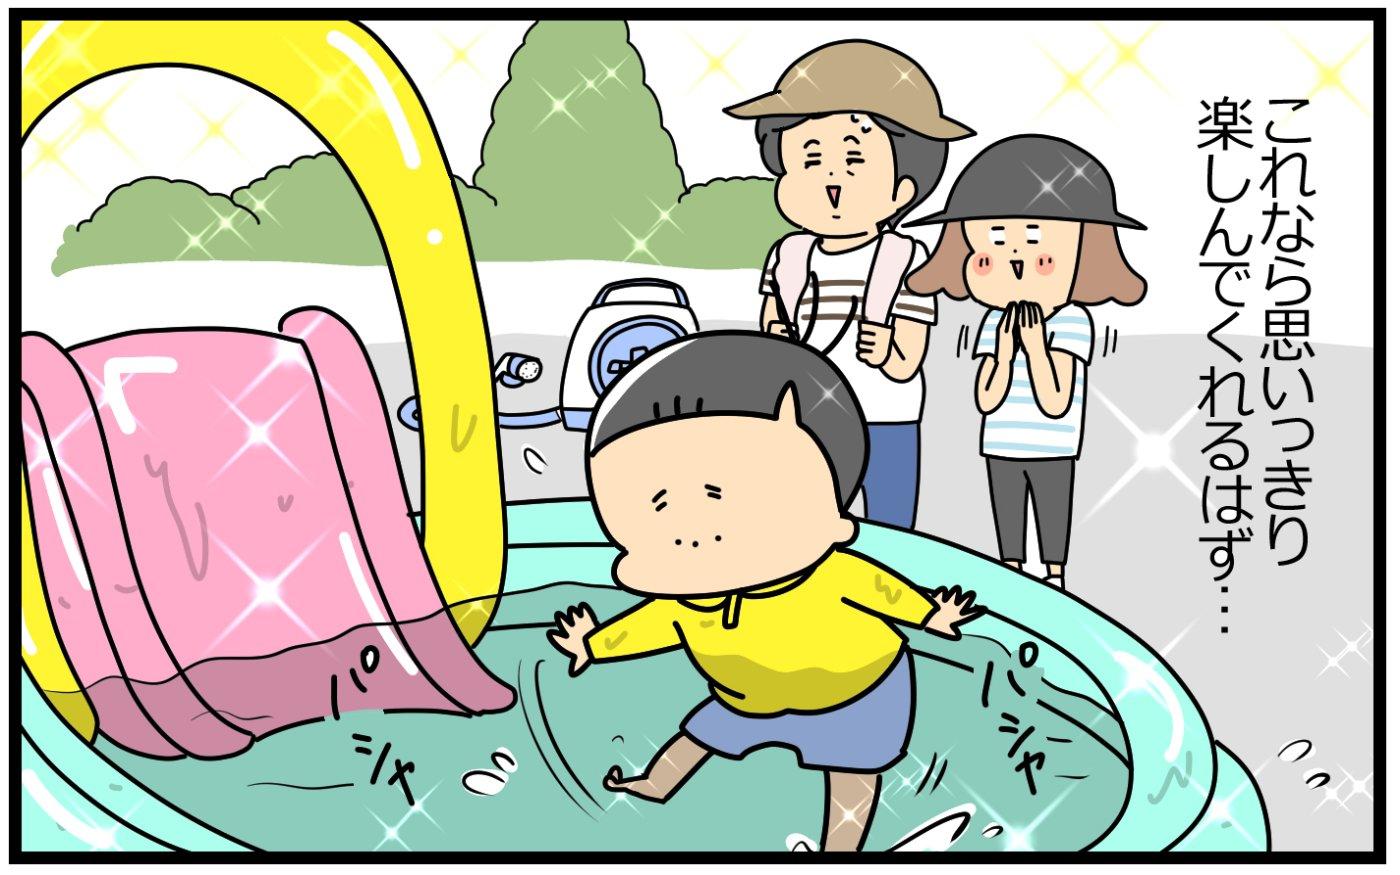 大きいプールなら楽しいでしょ! 思いっきり楽しんじゃってちょうだい!